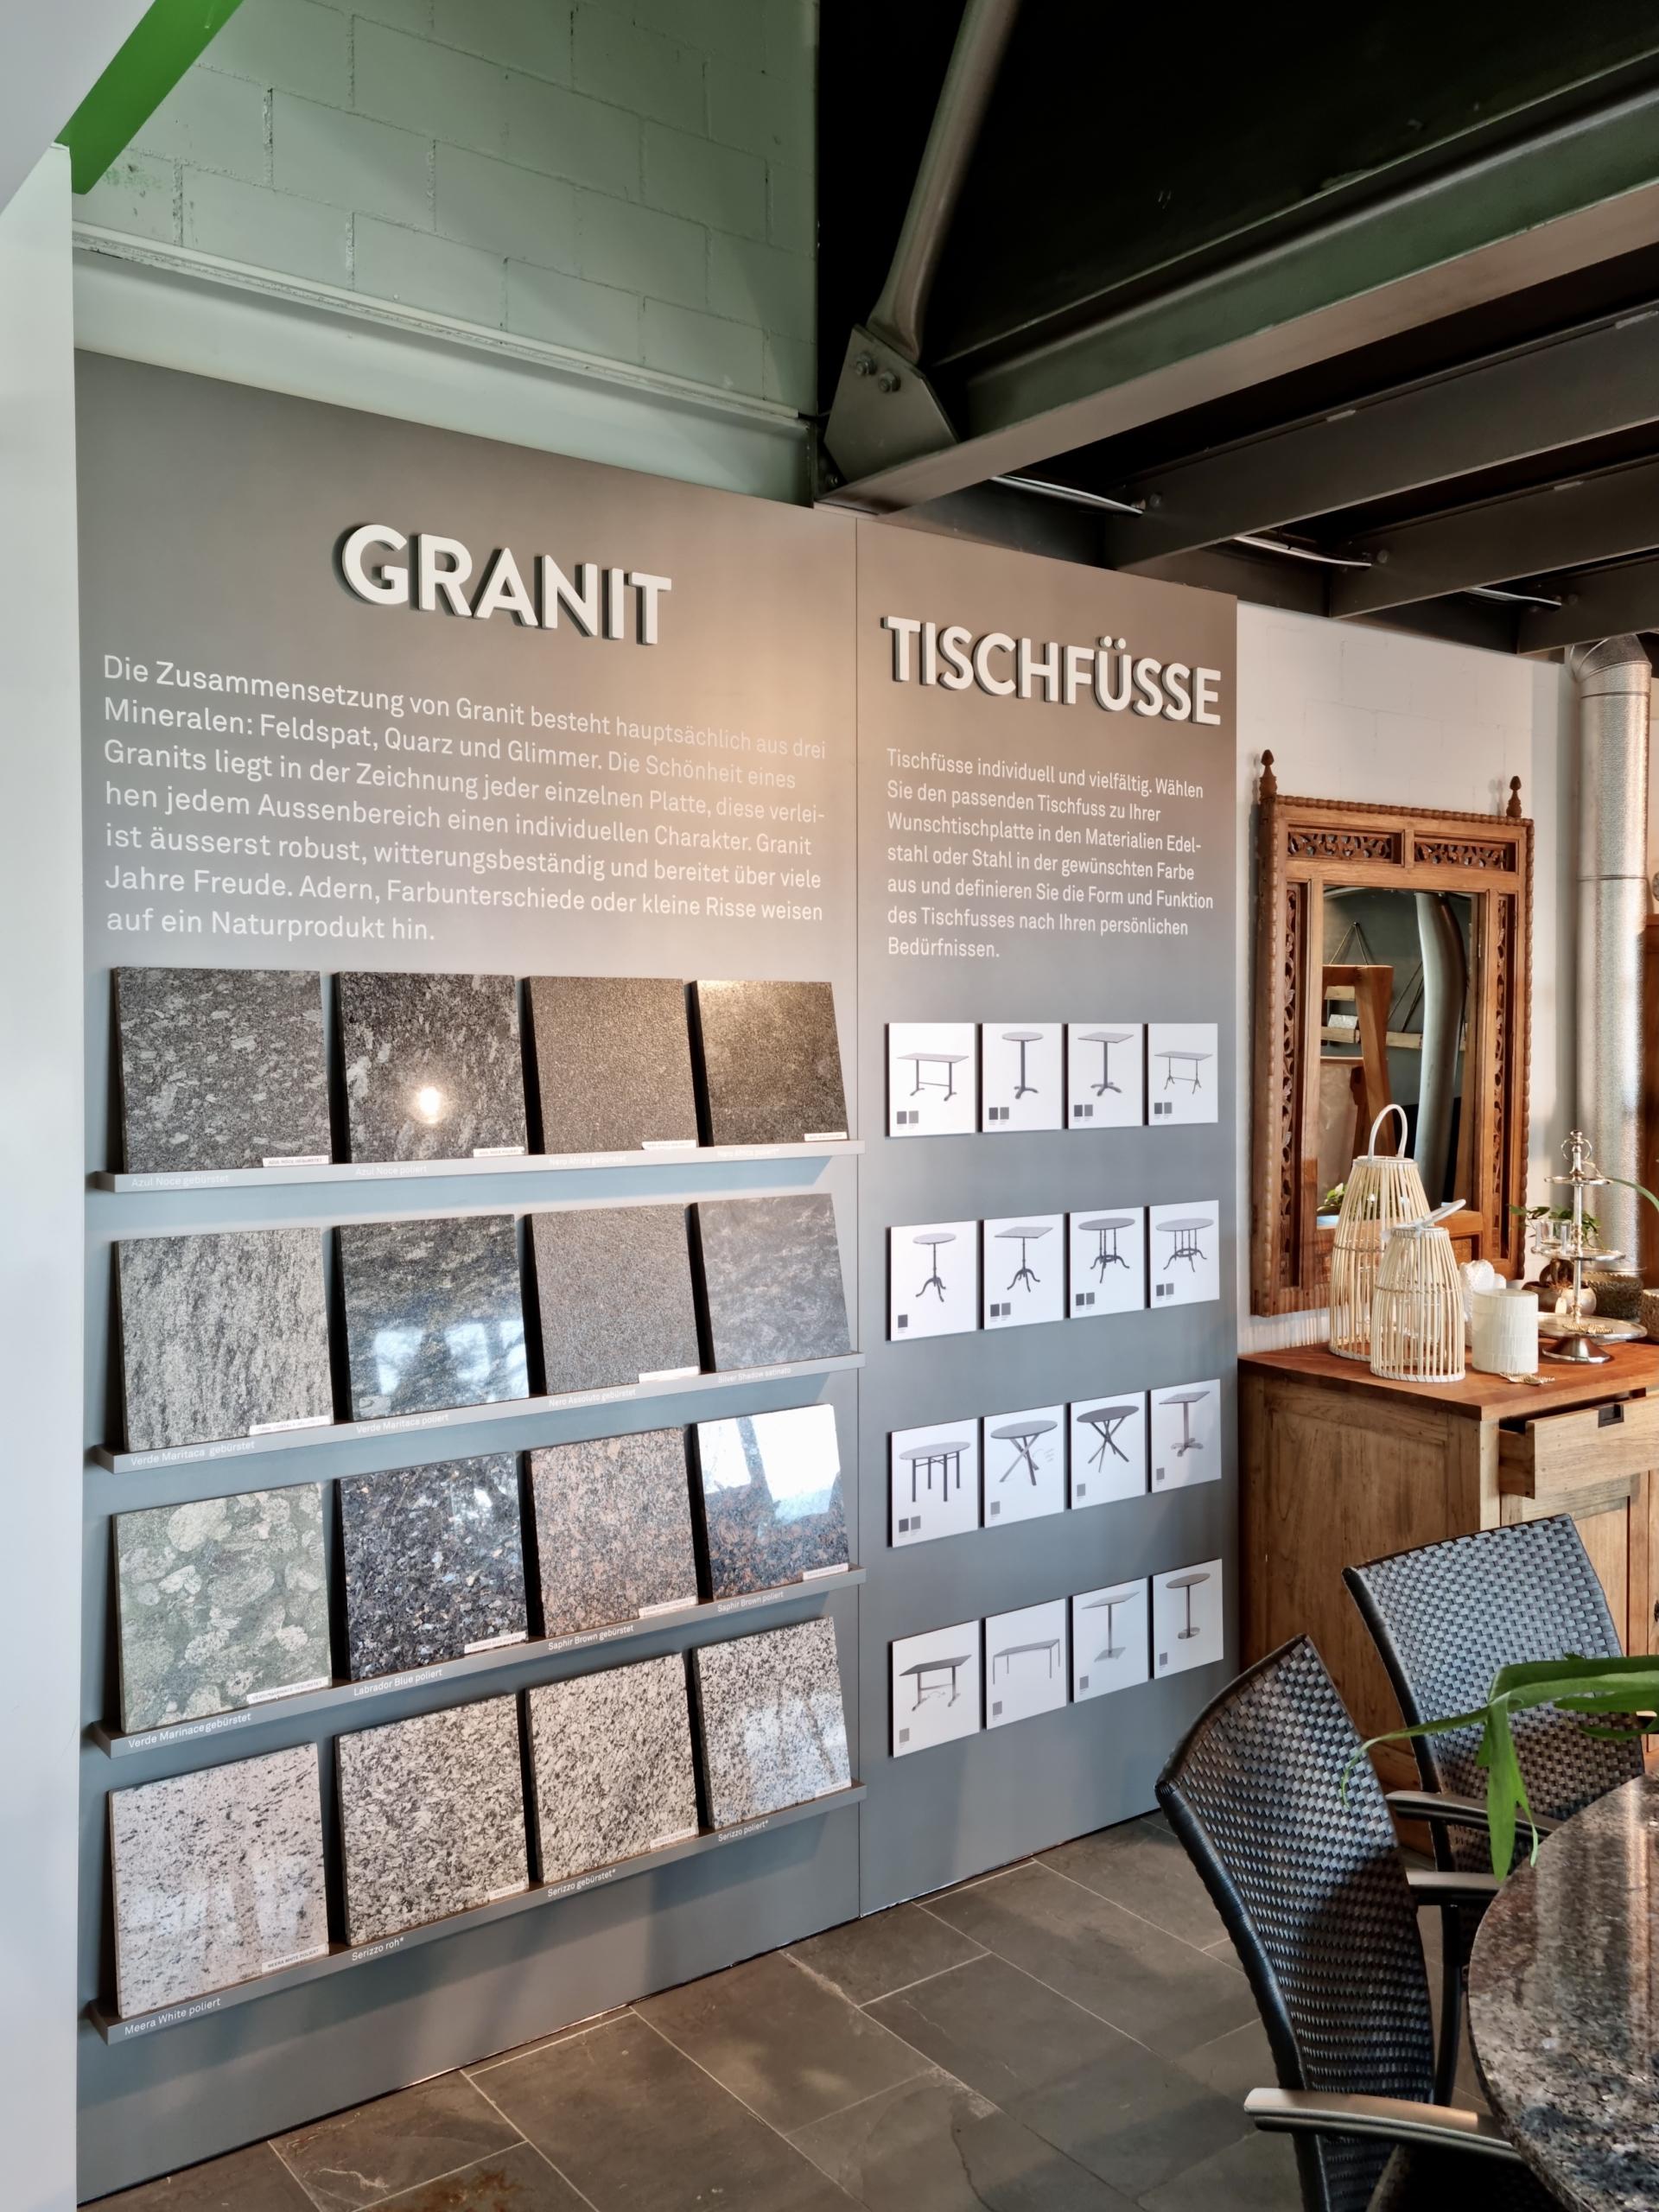 Ausstellungswand-Granit_Wagner-Schriften_Hunn-Gartenmoebel